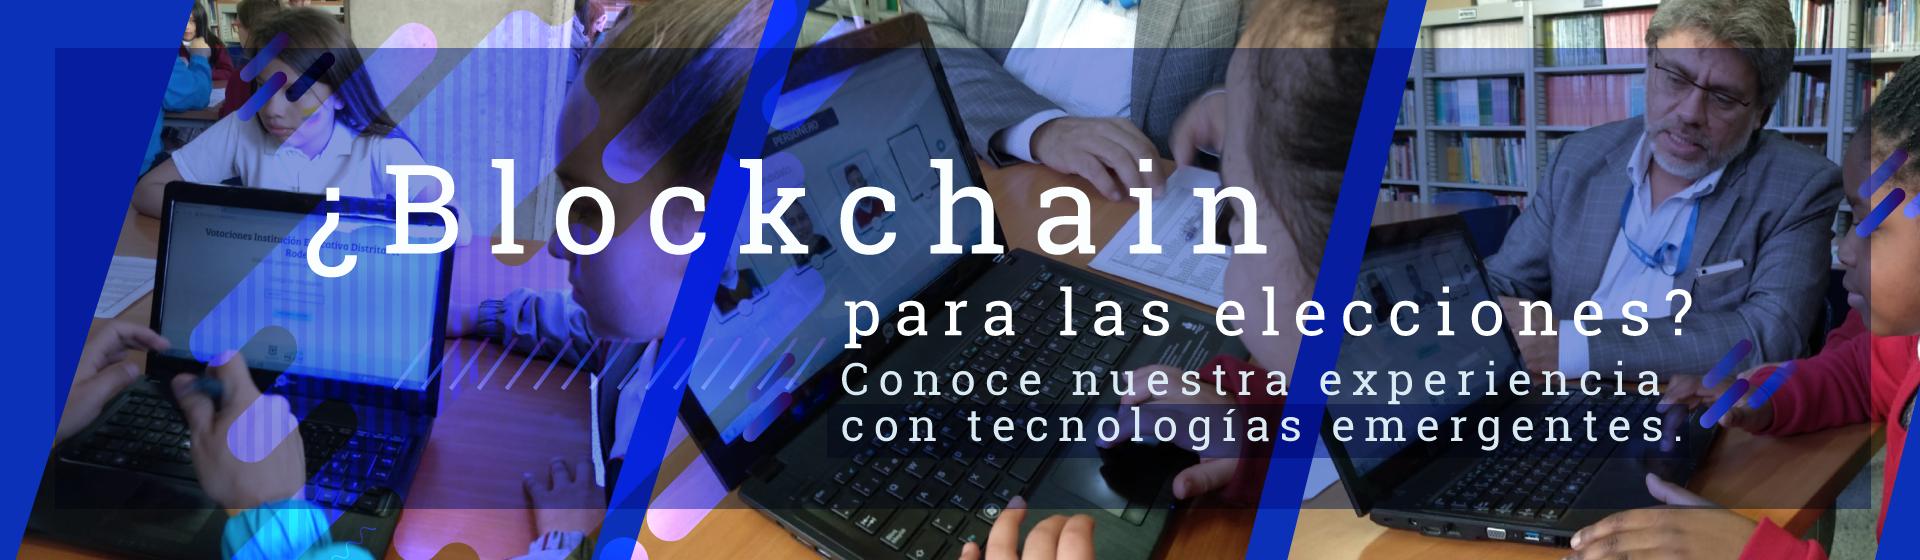 Blockchain para las elecciones.